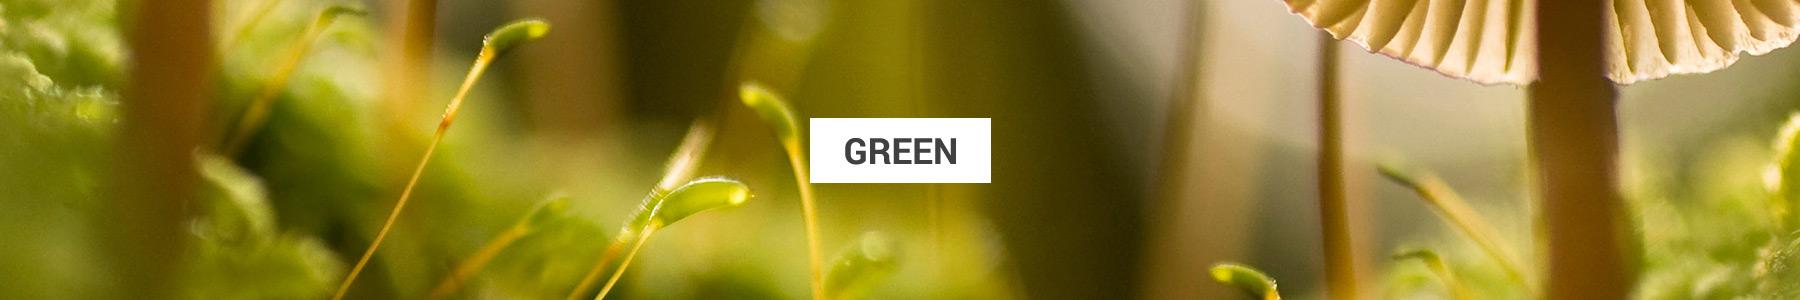 expert-green